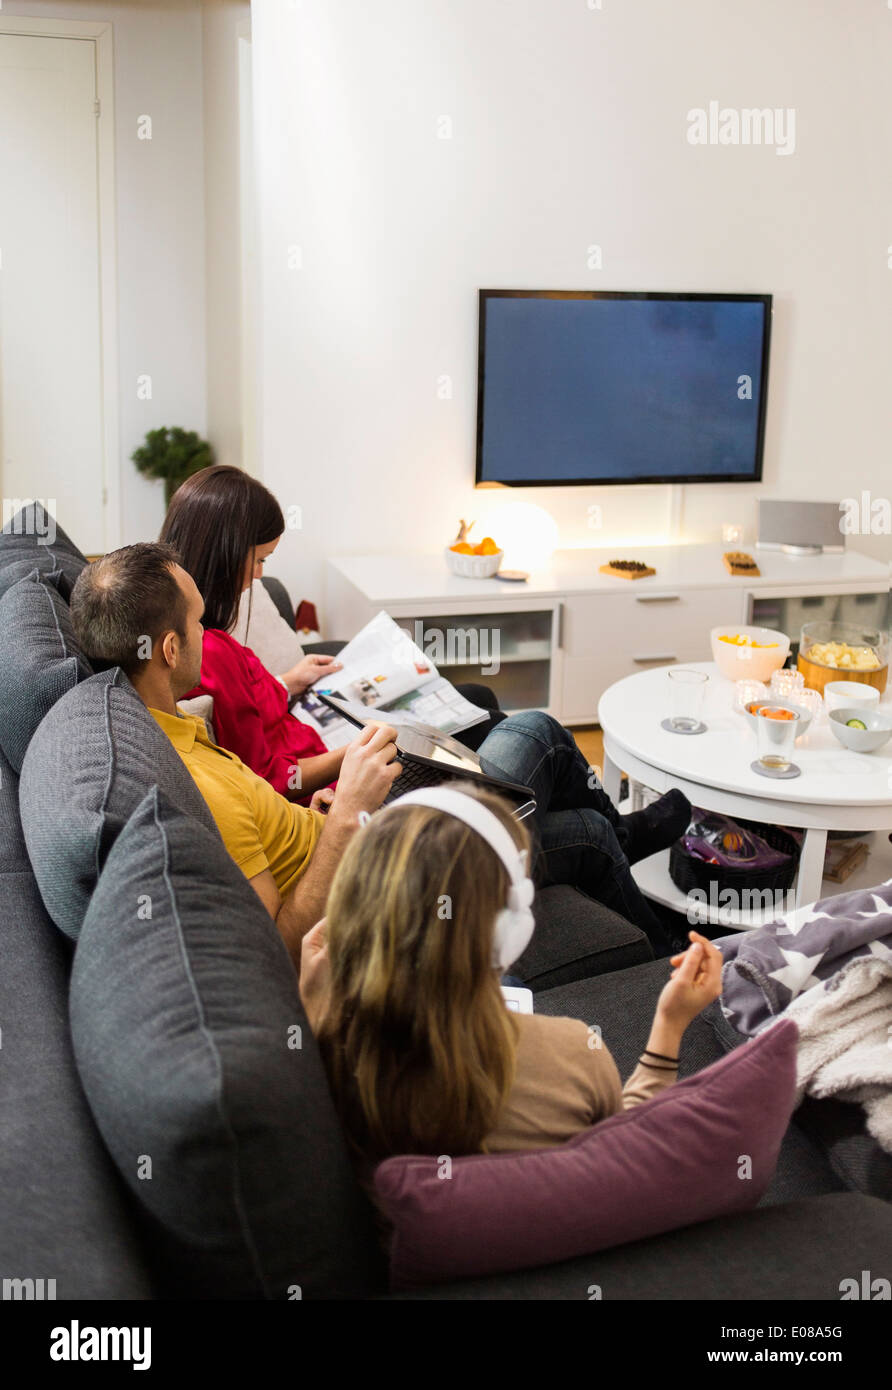 familie vor dem fernseher im wohnzimmer stockfoto bild 69025084 alamy. Black Bedroom Furniture Sets. Home Design Ideas